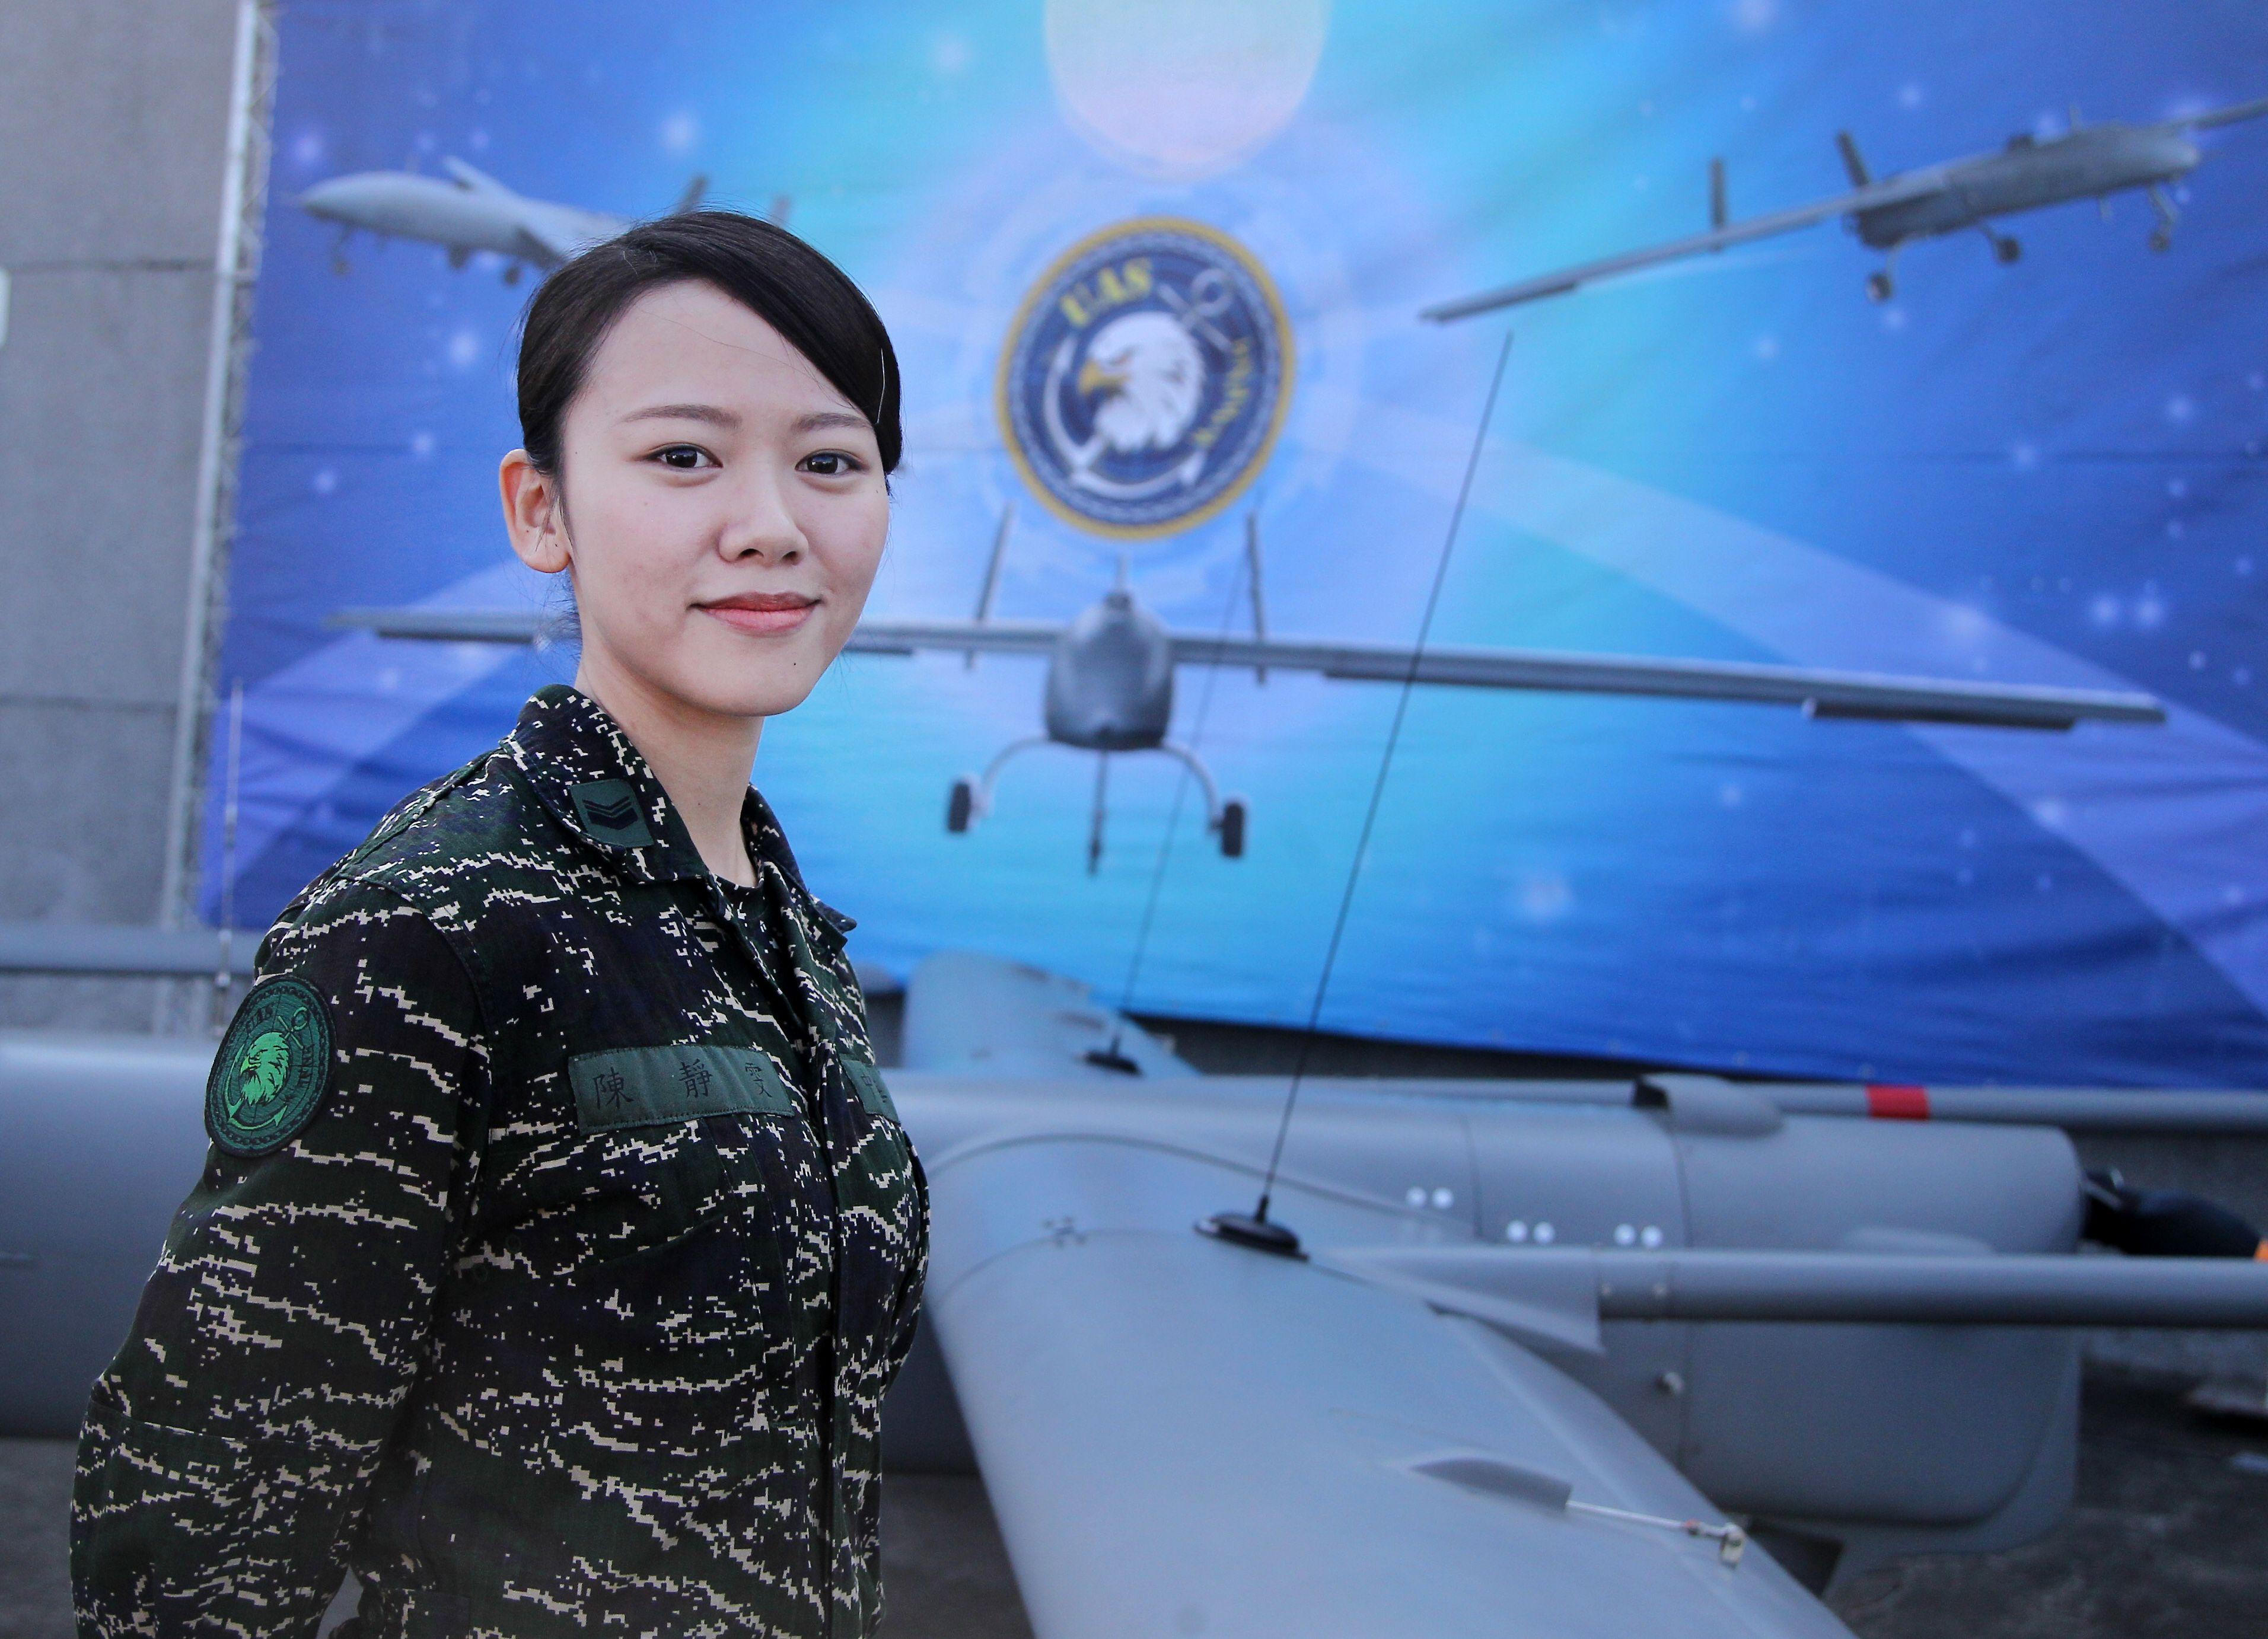 海軍海上戰術偵搜大隊首次向國人公開銳鳶無人機。(記者邱榮吉/屏東拍攝)